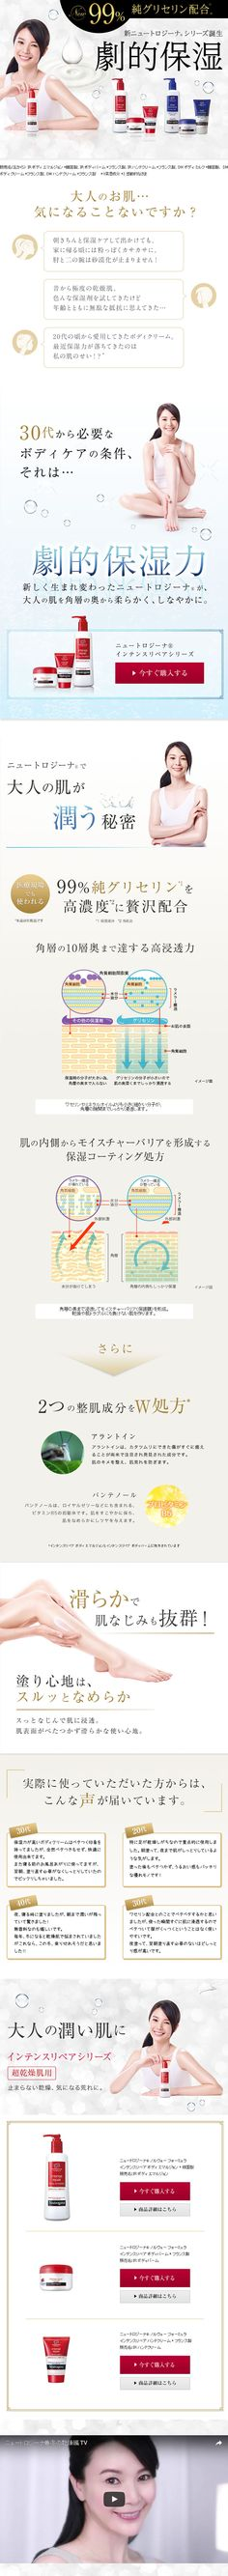 新ニュートロジーナシリーズ【スキンケア・美容商品関連】のLPデザイン。WEBデザイナーさん必見!ランディングページのデザイン参考に(キレイ系)